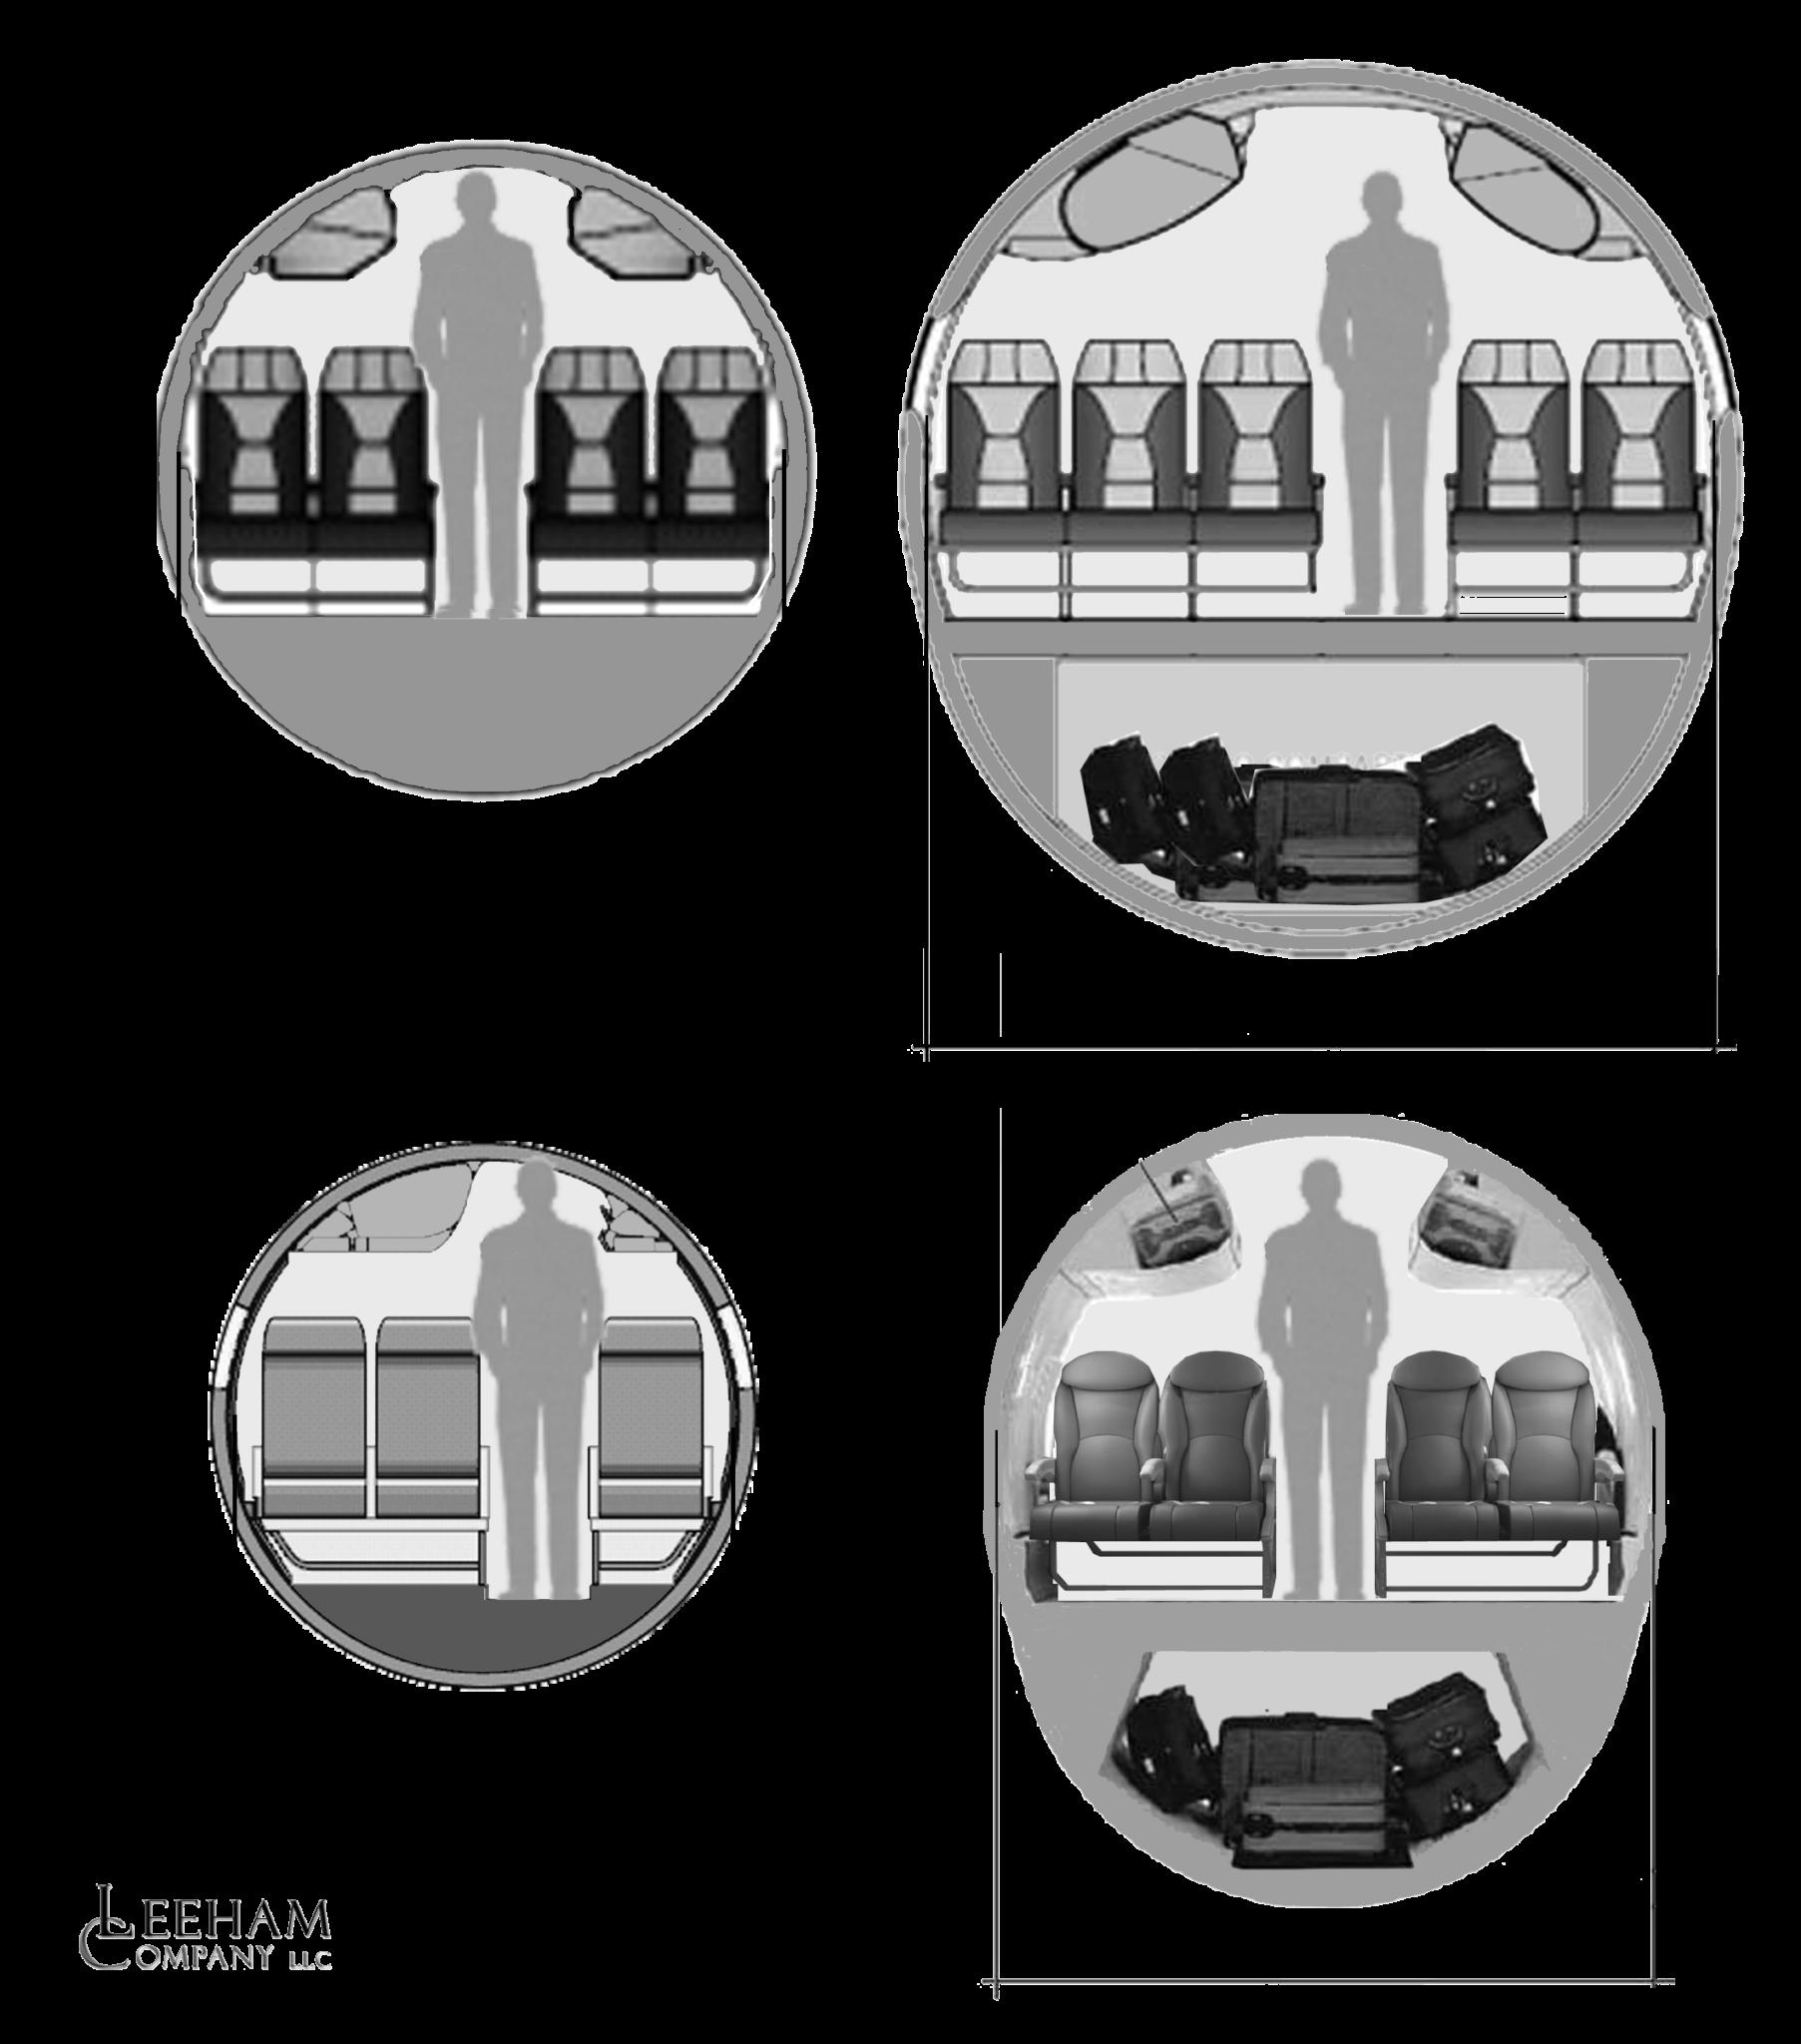 Regional jet cross sections